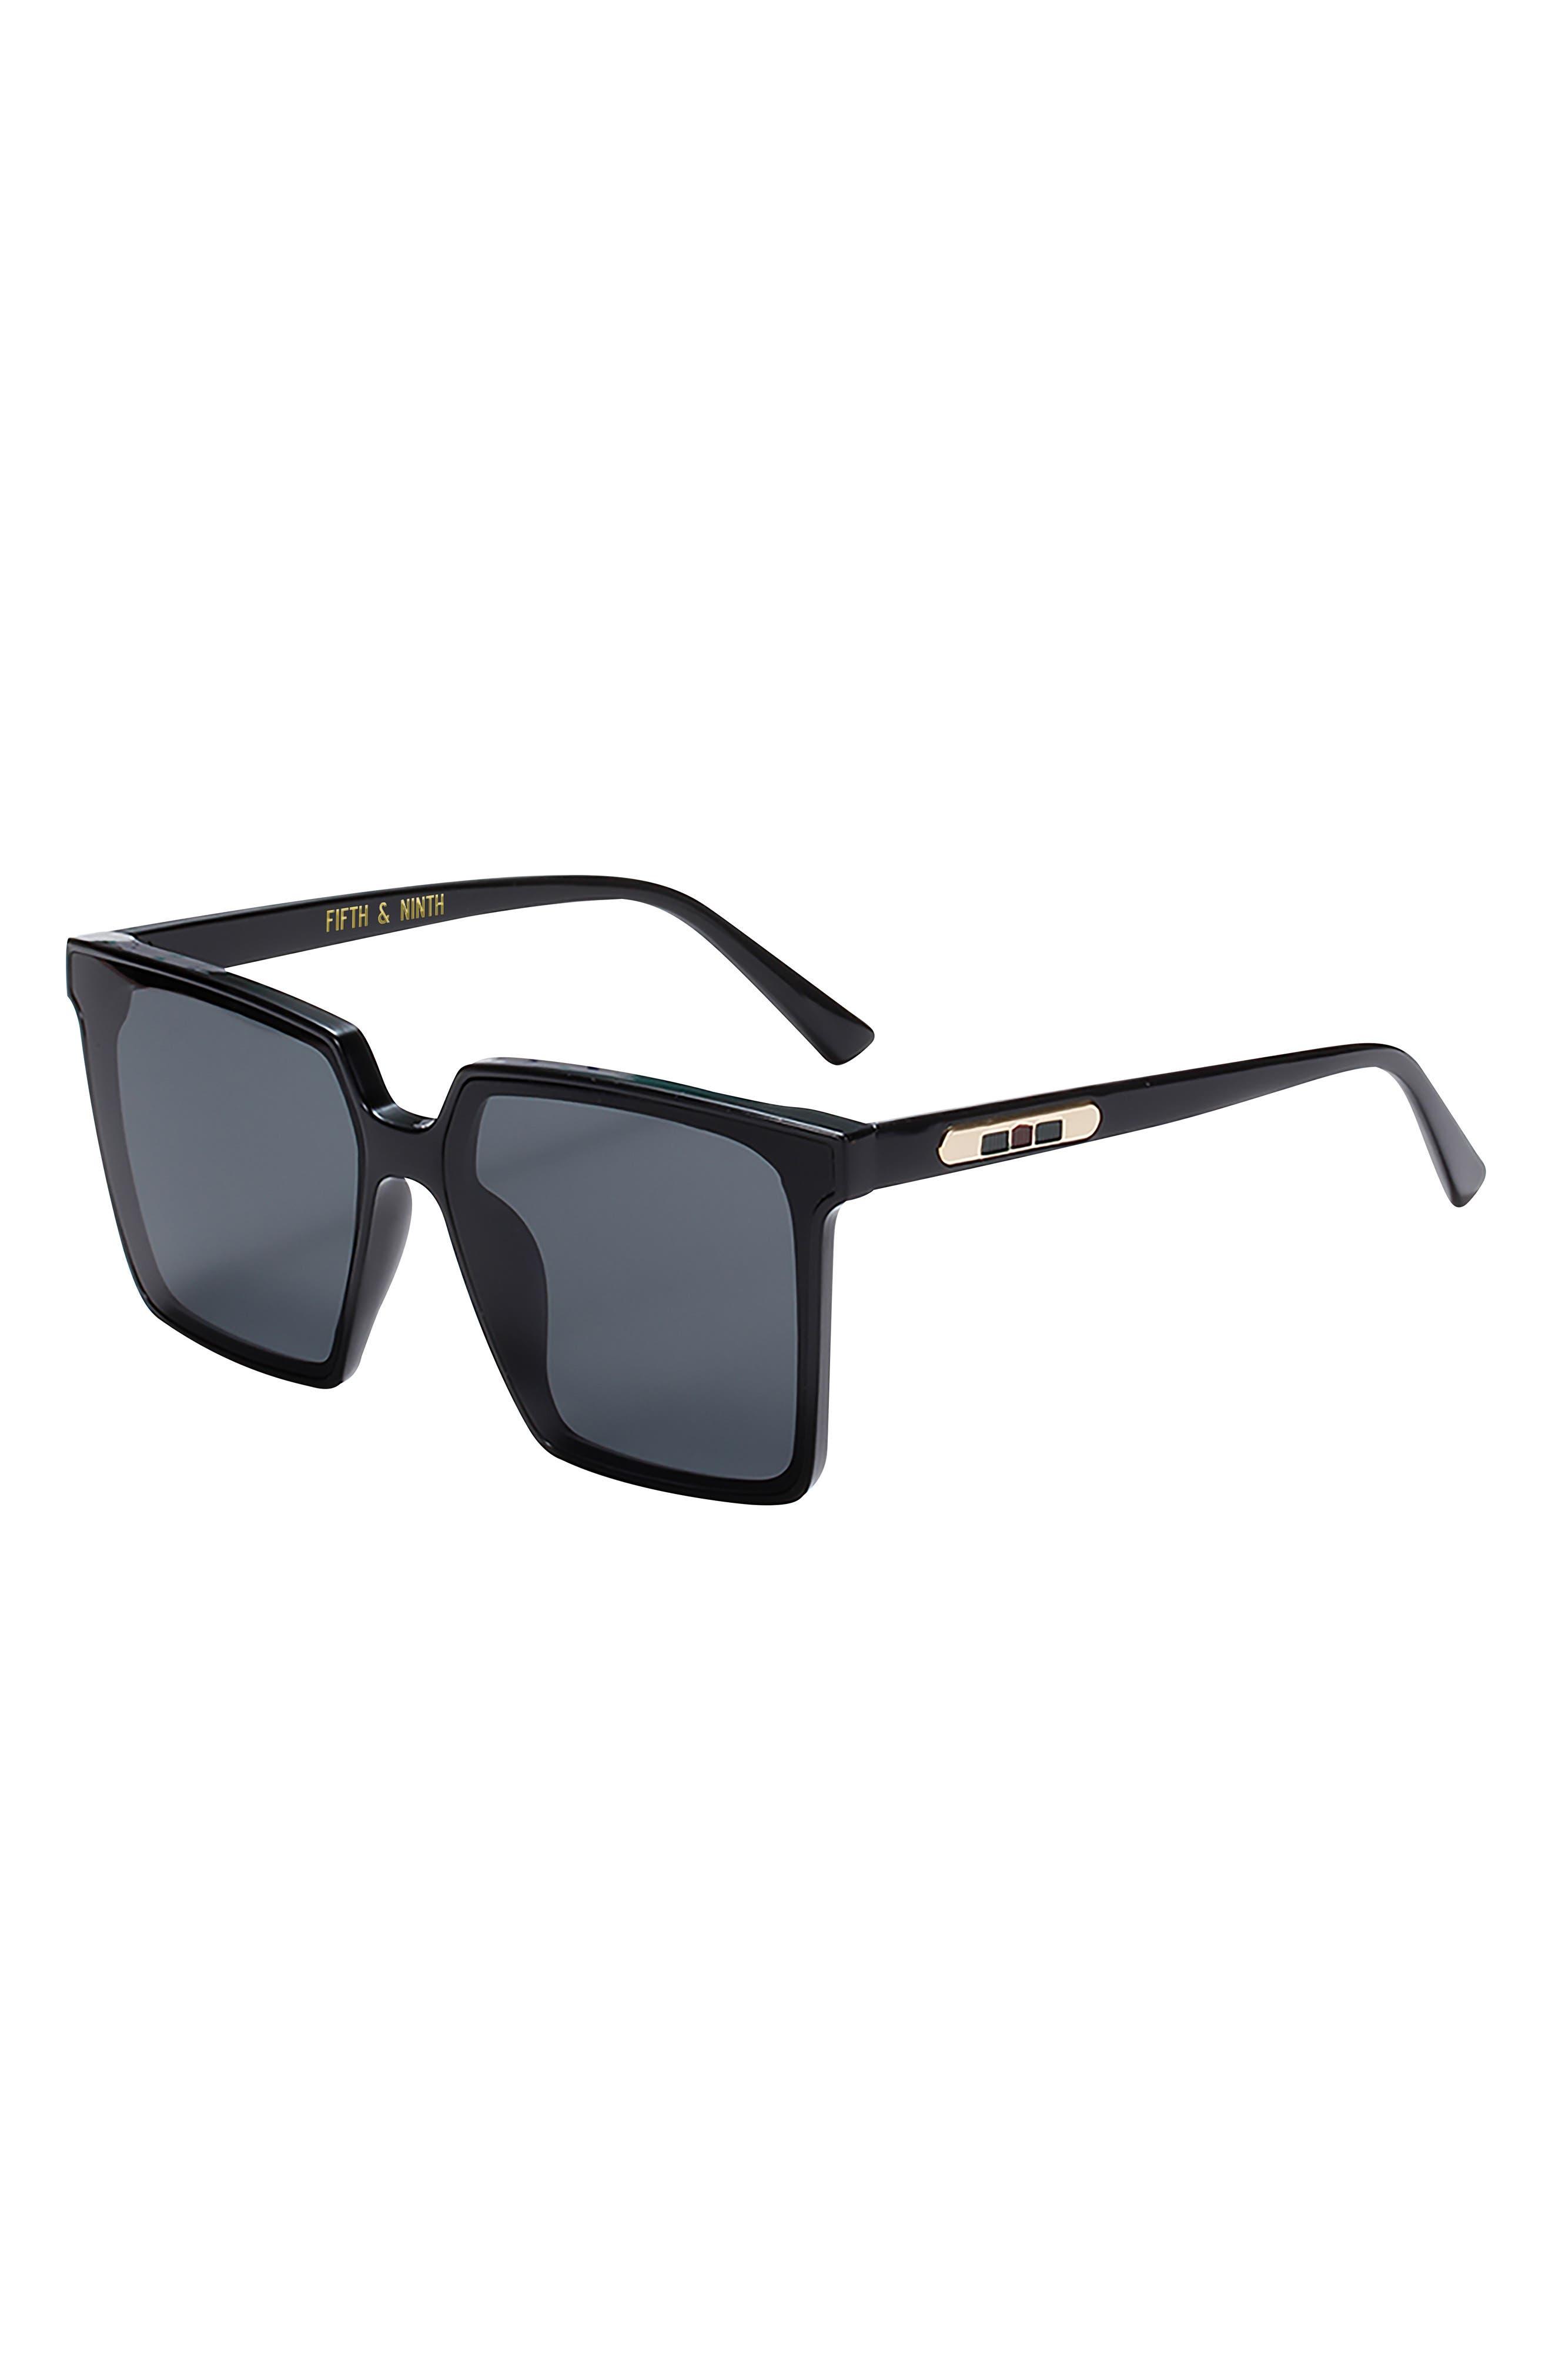 Pasadena 62mm Square Sunglasses